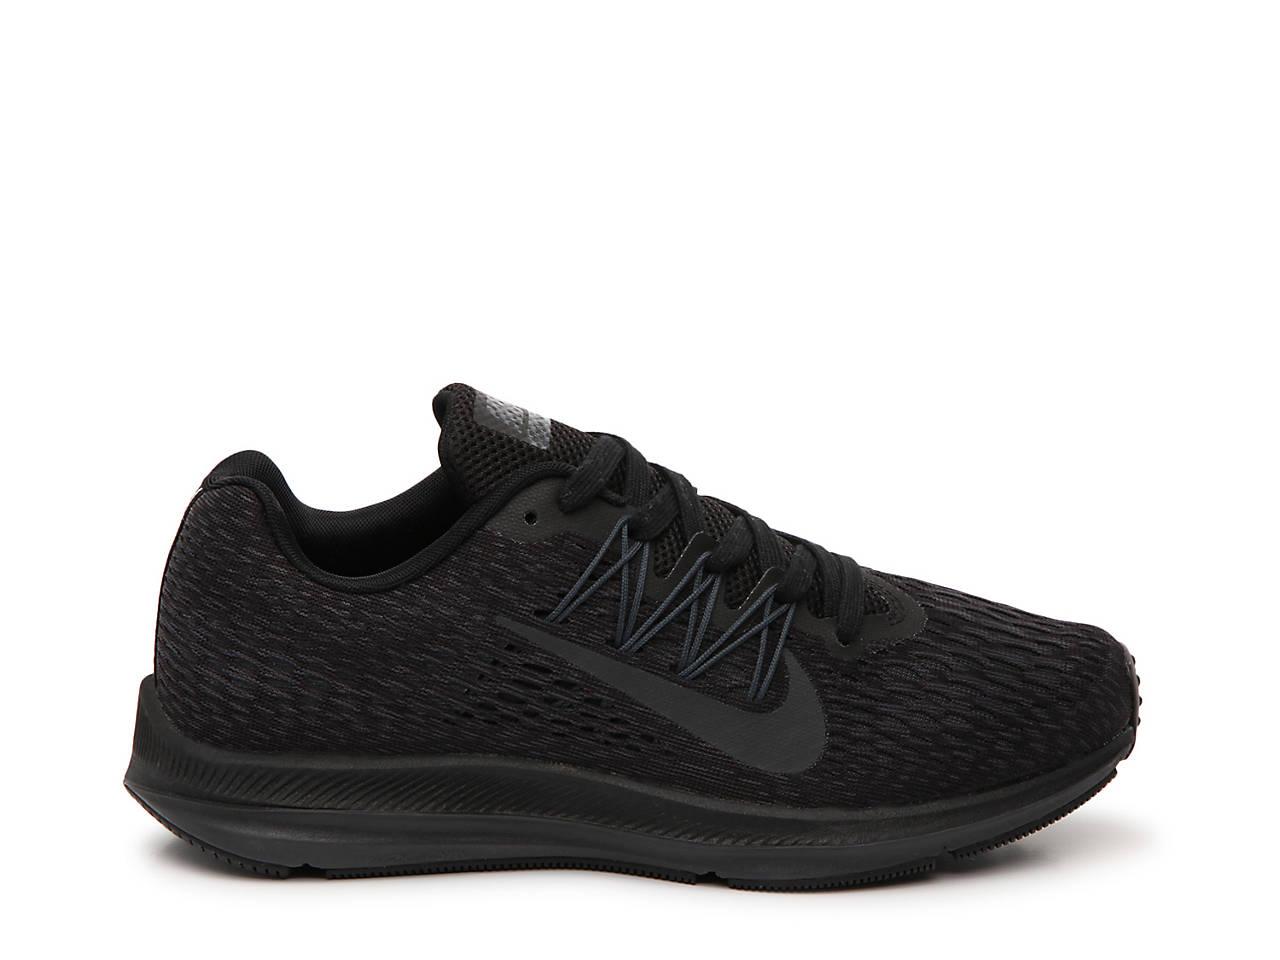 1c7e09c8d4e30 Nike Zoom Winflo 5 Running Shoe - Women s Women s Shoes